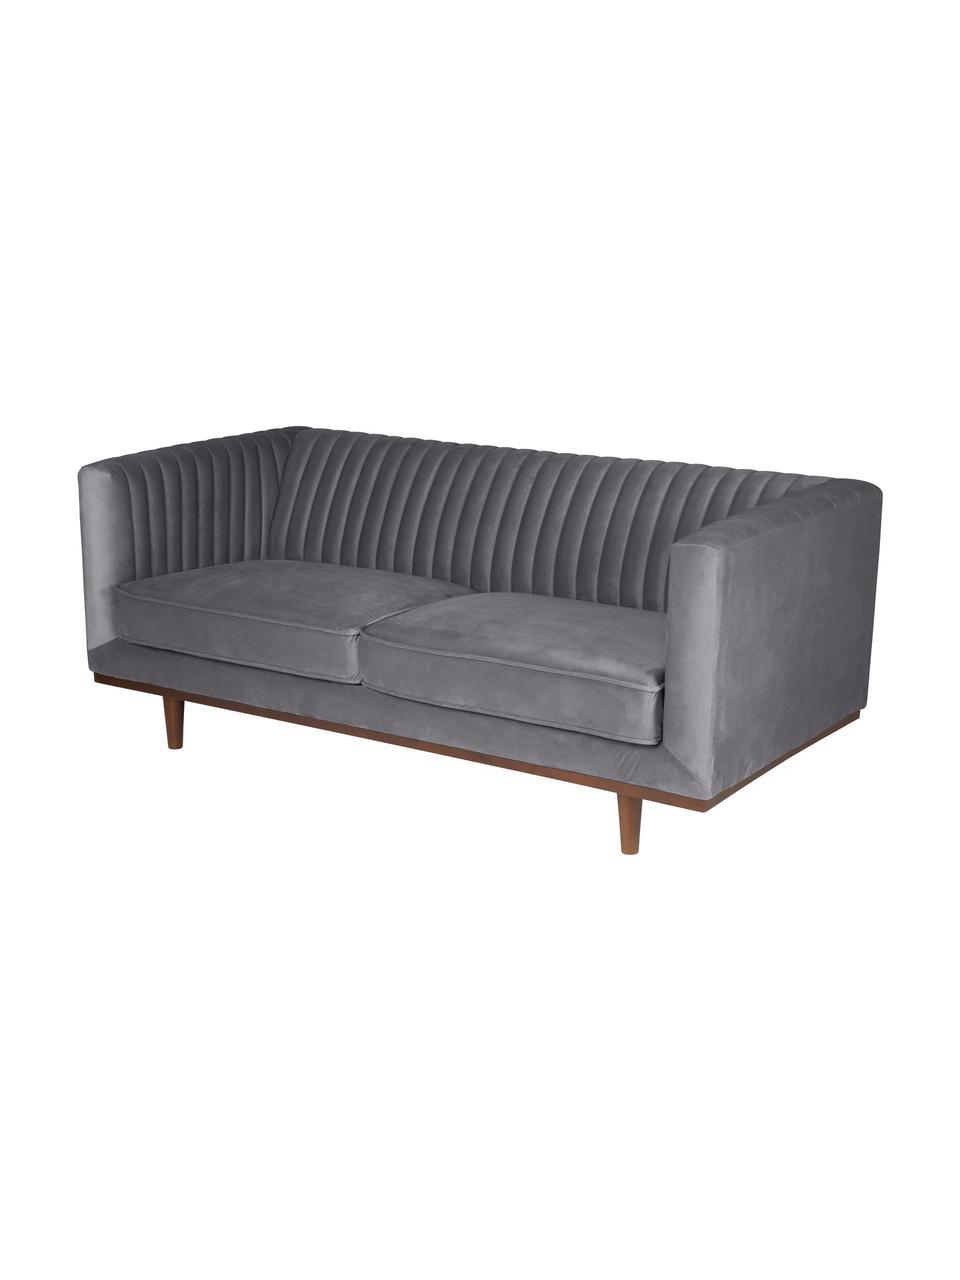 Samt-Sofa Dante (2-Sitzer) in Dunkelgrau mit Holz-Füßen, Bezug: Polyestersamt 50.000 Sche, Füße: Gummibaumholz, lackiert, Samt Dunkelgrau, B 174 x T 87 cm